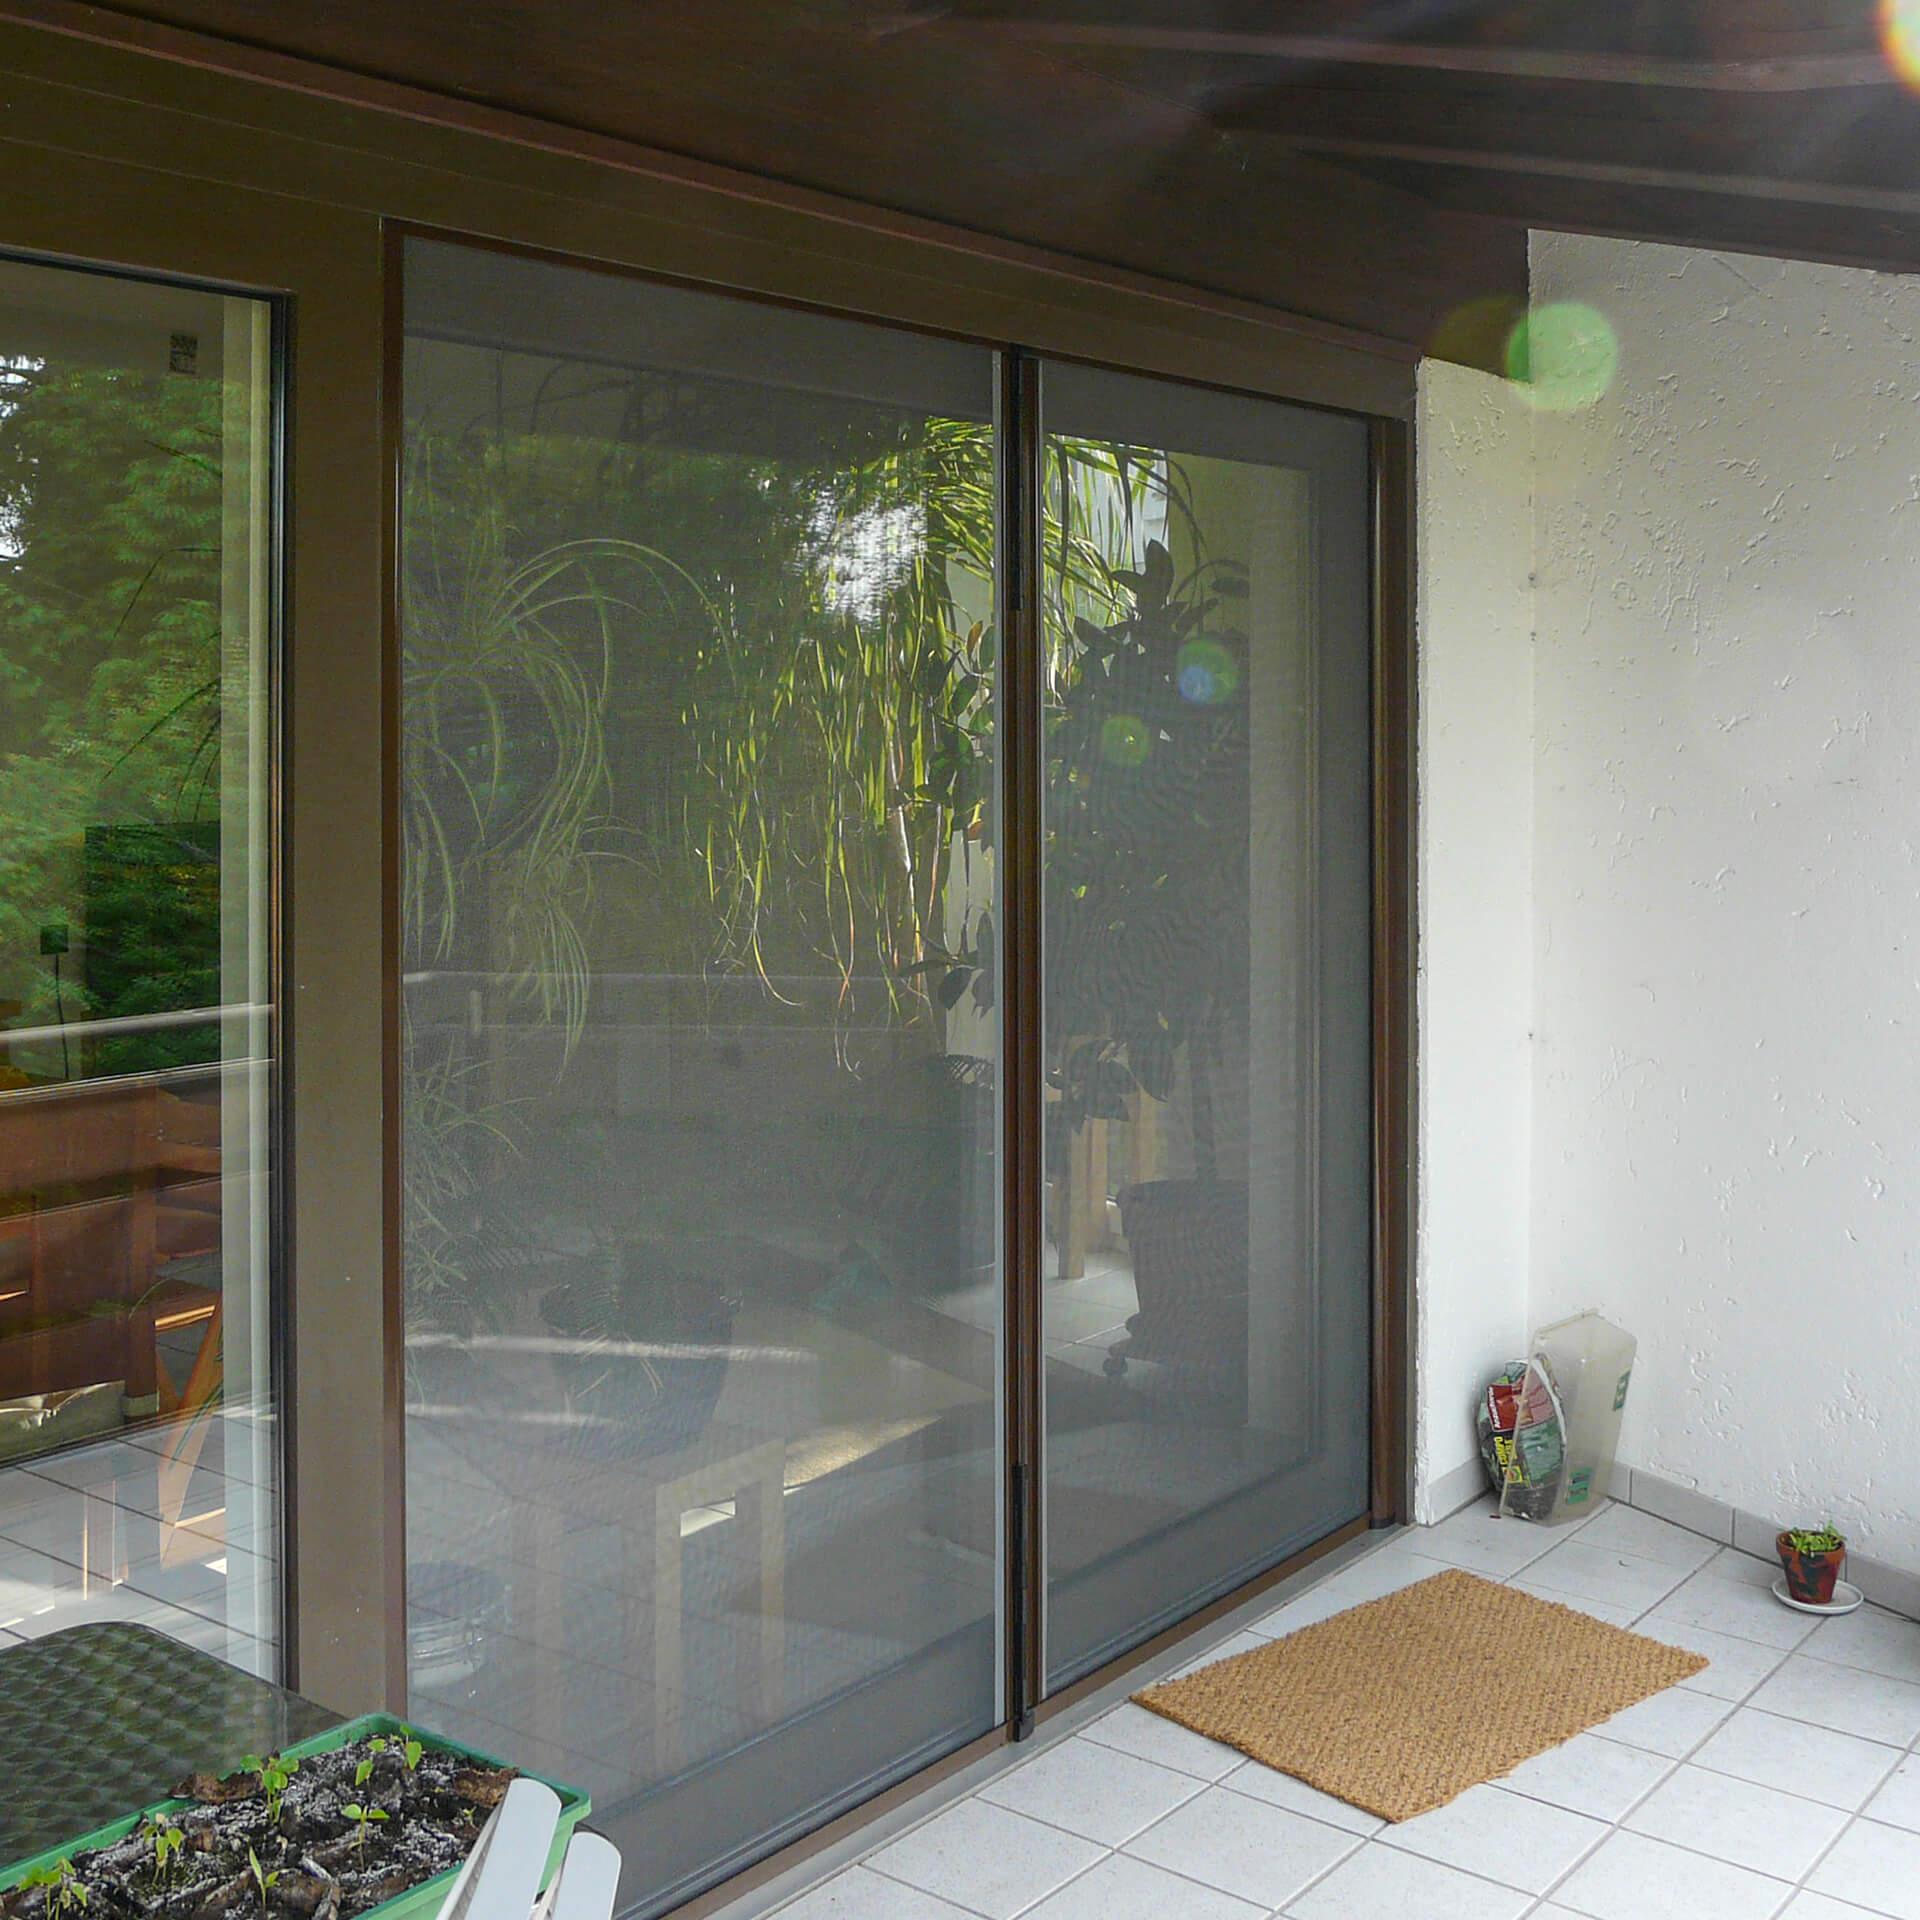 Insektenschutzrollo Doppeltür | Rollokästen auch zum Einklemmen | Adria